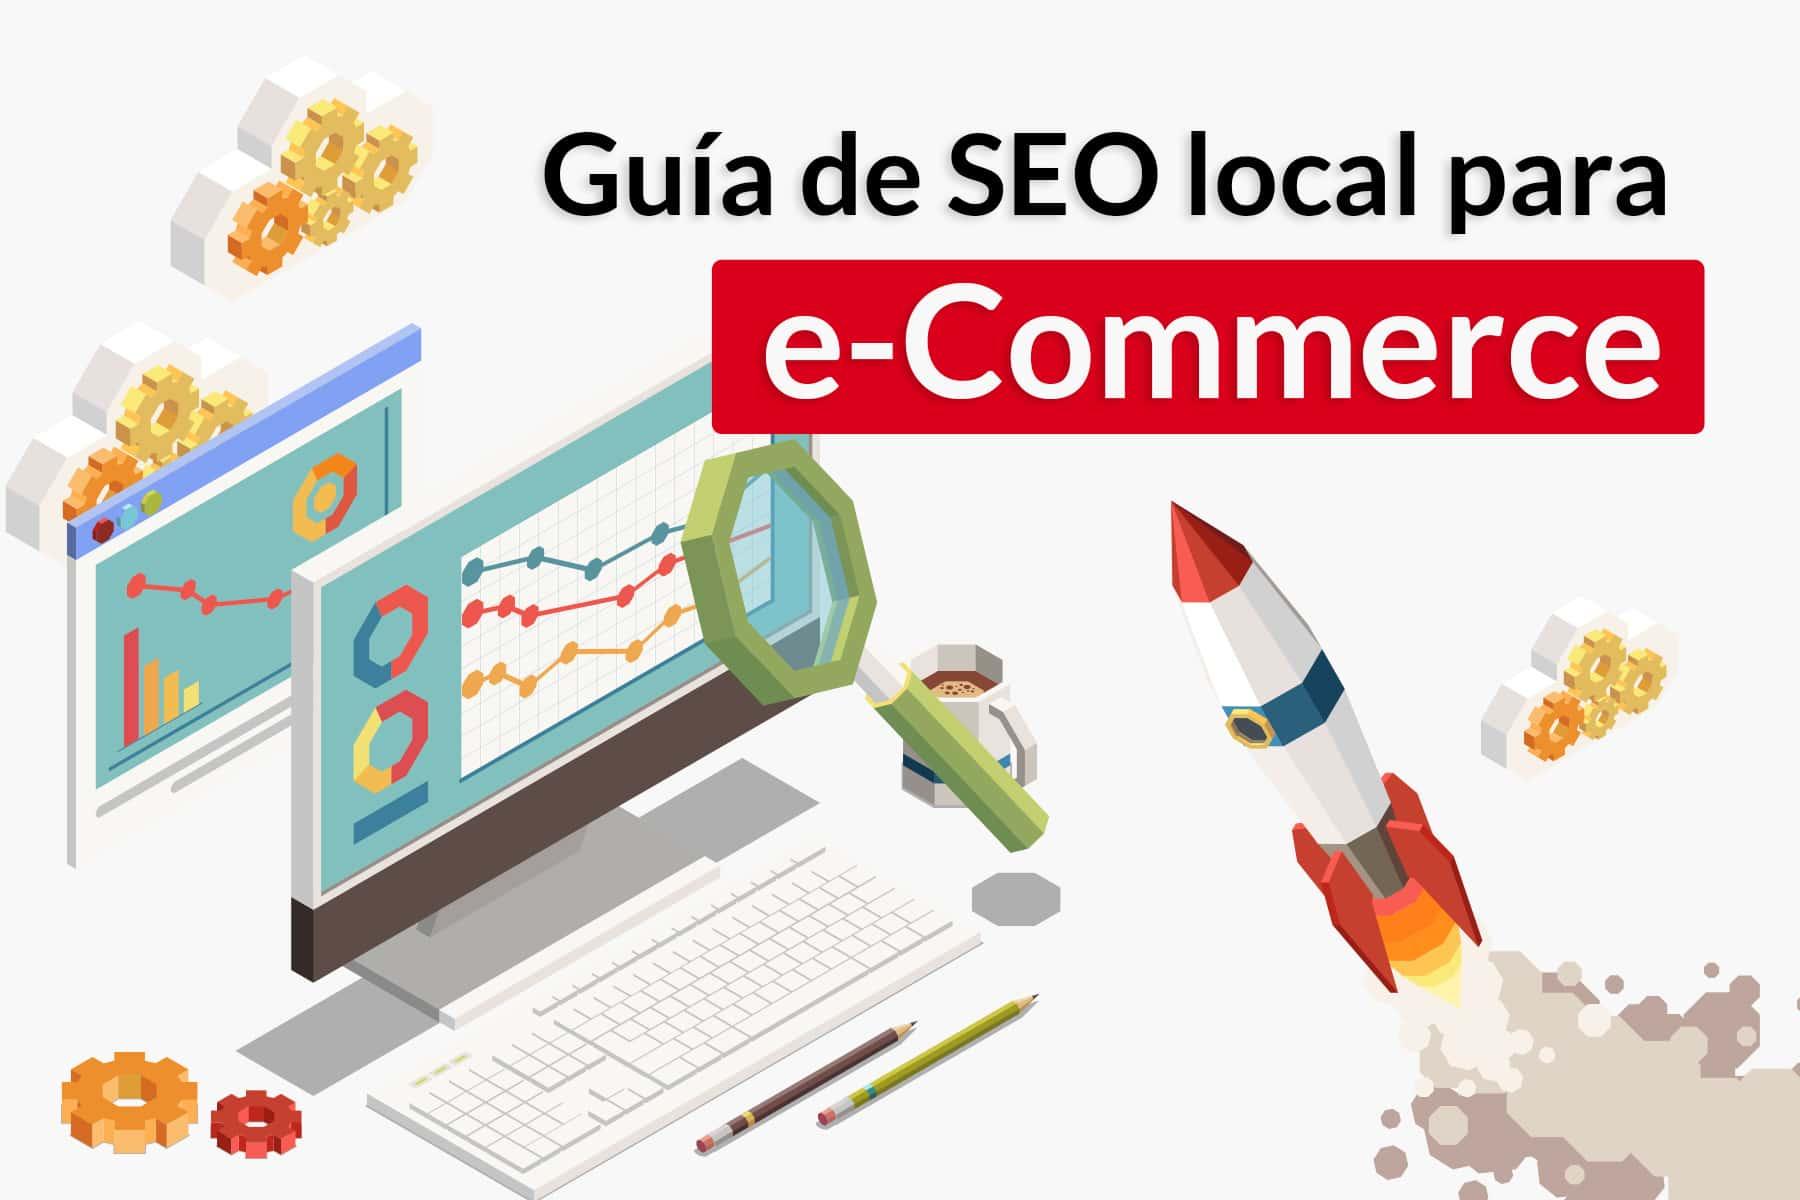 Guía de SEO local para ecommerce